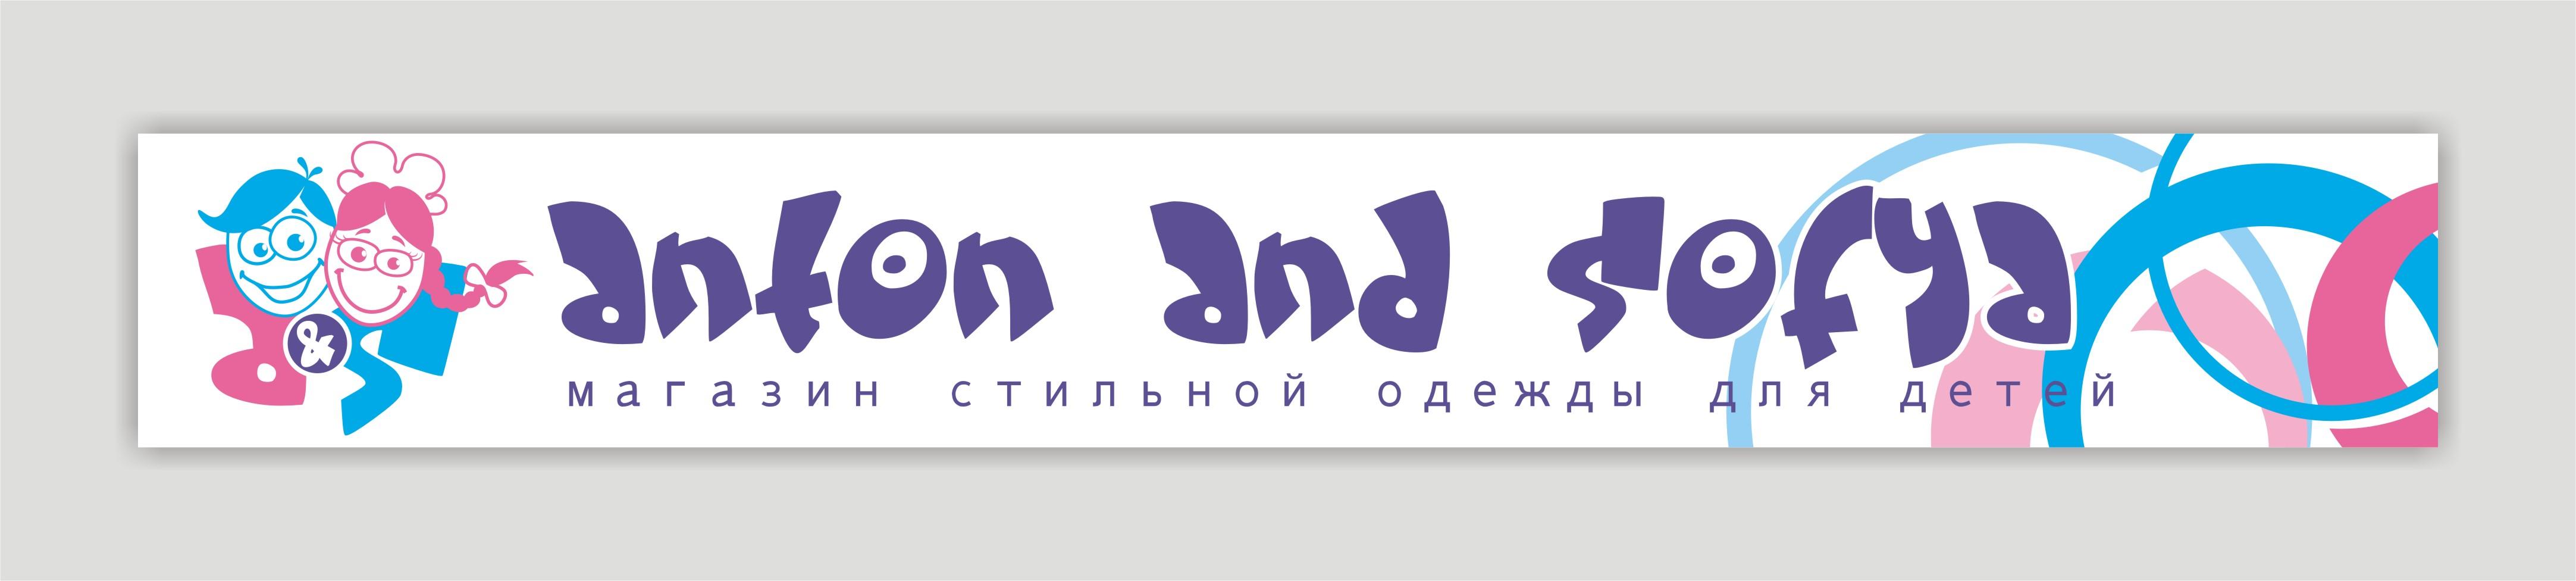 Логотип и вывеска для магазина детской одежды фото f_4c87ca9fadabb.jpg